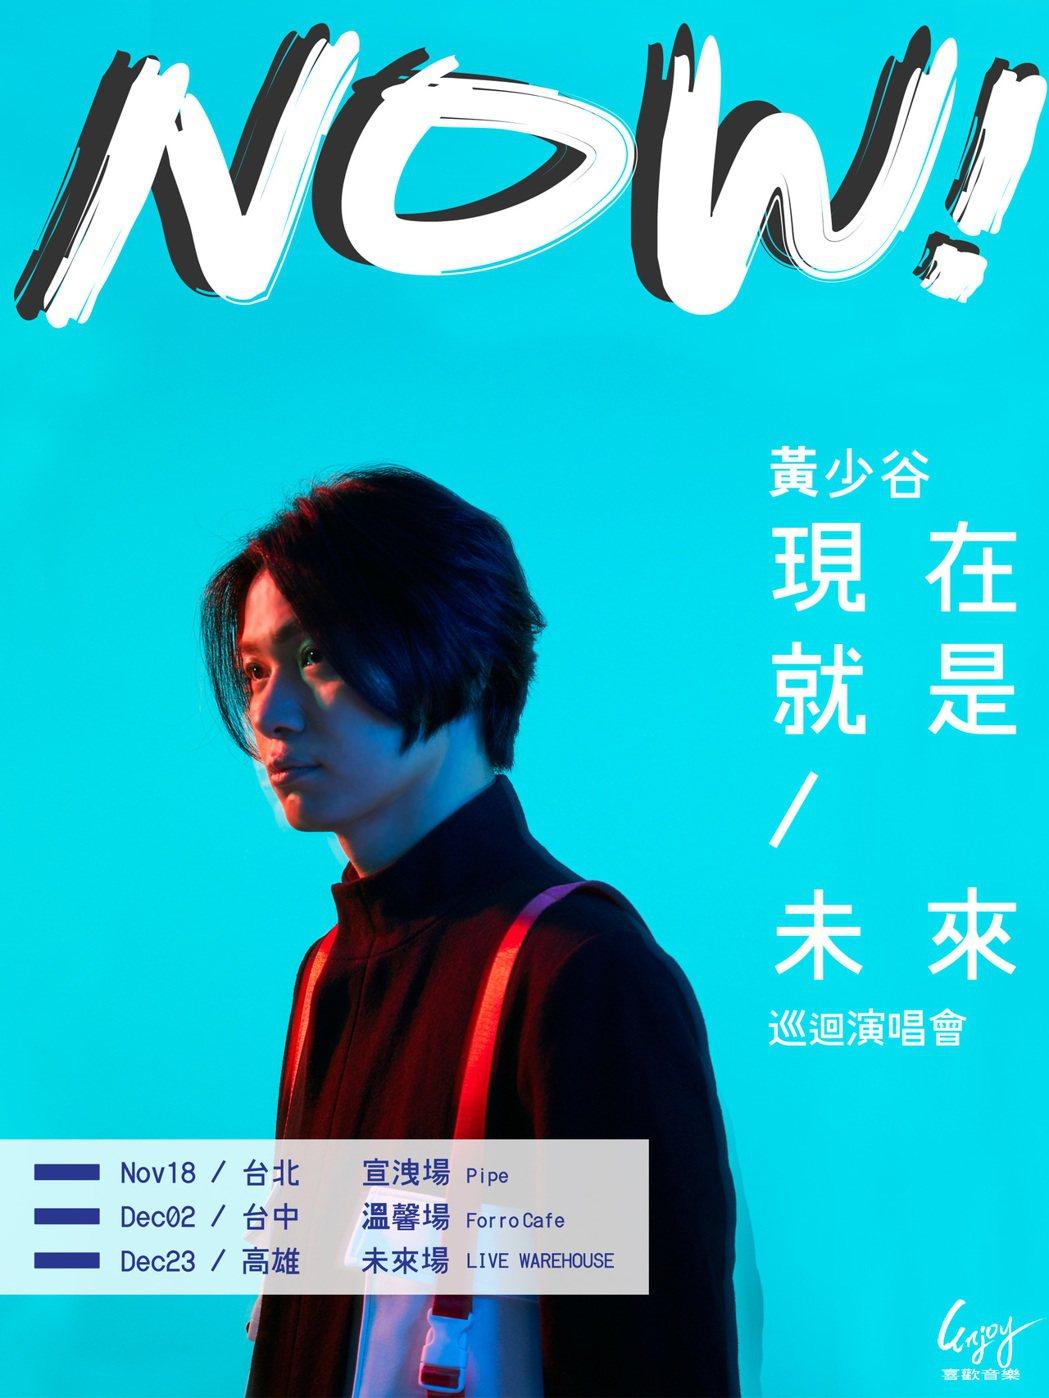 黃少谷「NOW!現在就是未來」北中南巡演於24日中午正式開賣。圖/喜歡音樂提供